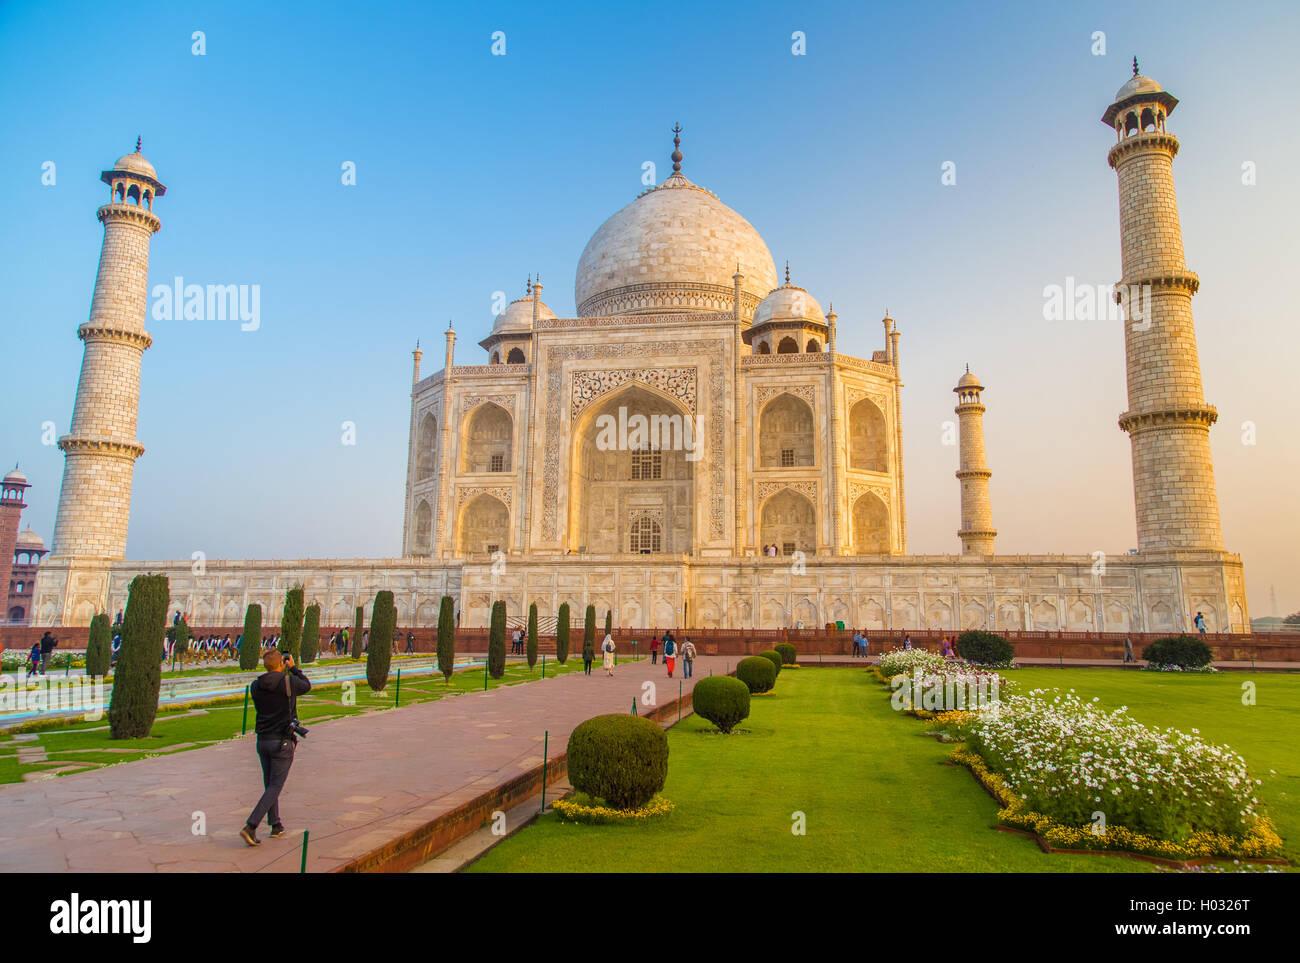 AGRA, India - 28 febbraio 2015: vista del Taj Mahal verso il lato del sud. Visitatore con la fotocamera. Immagini Stock